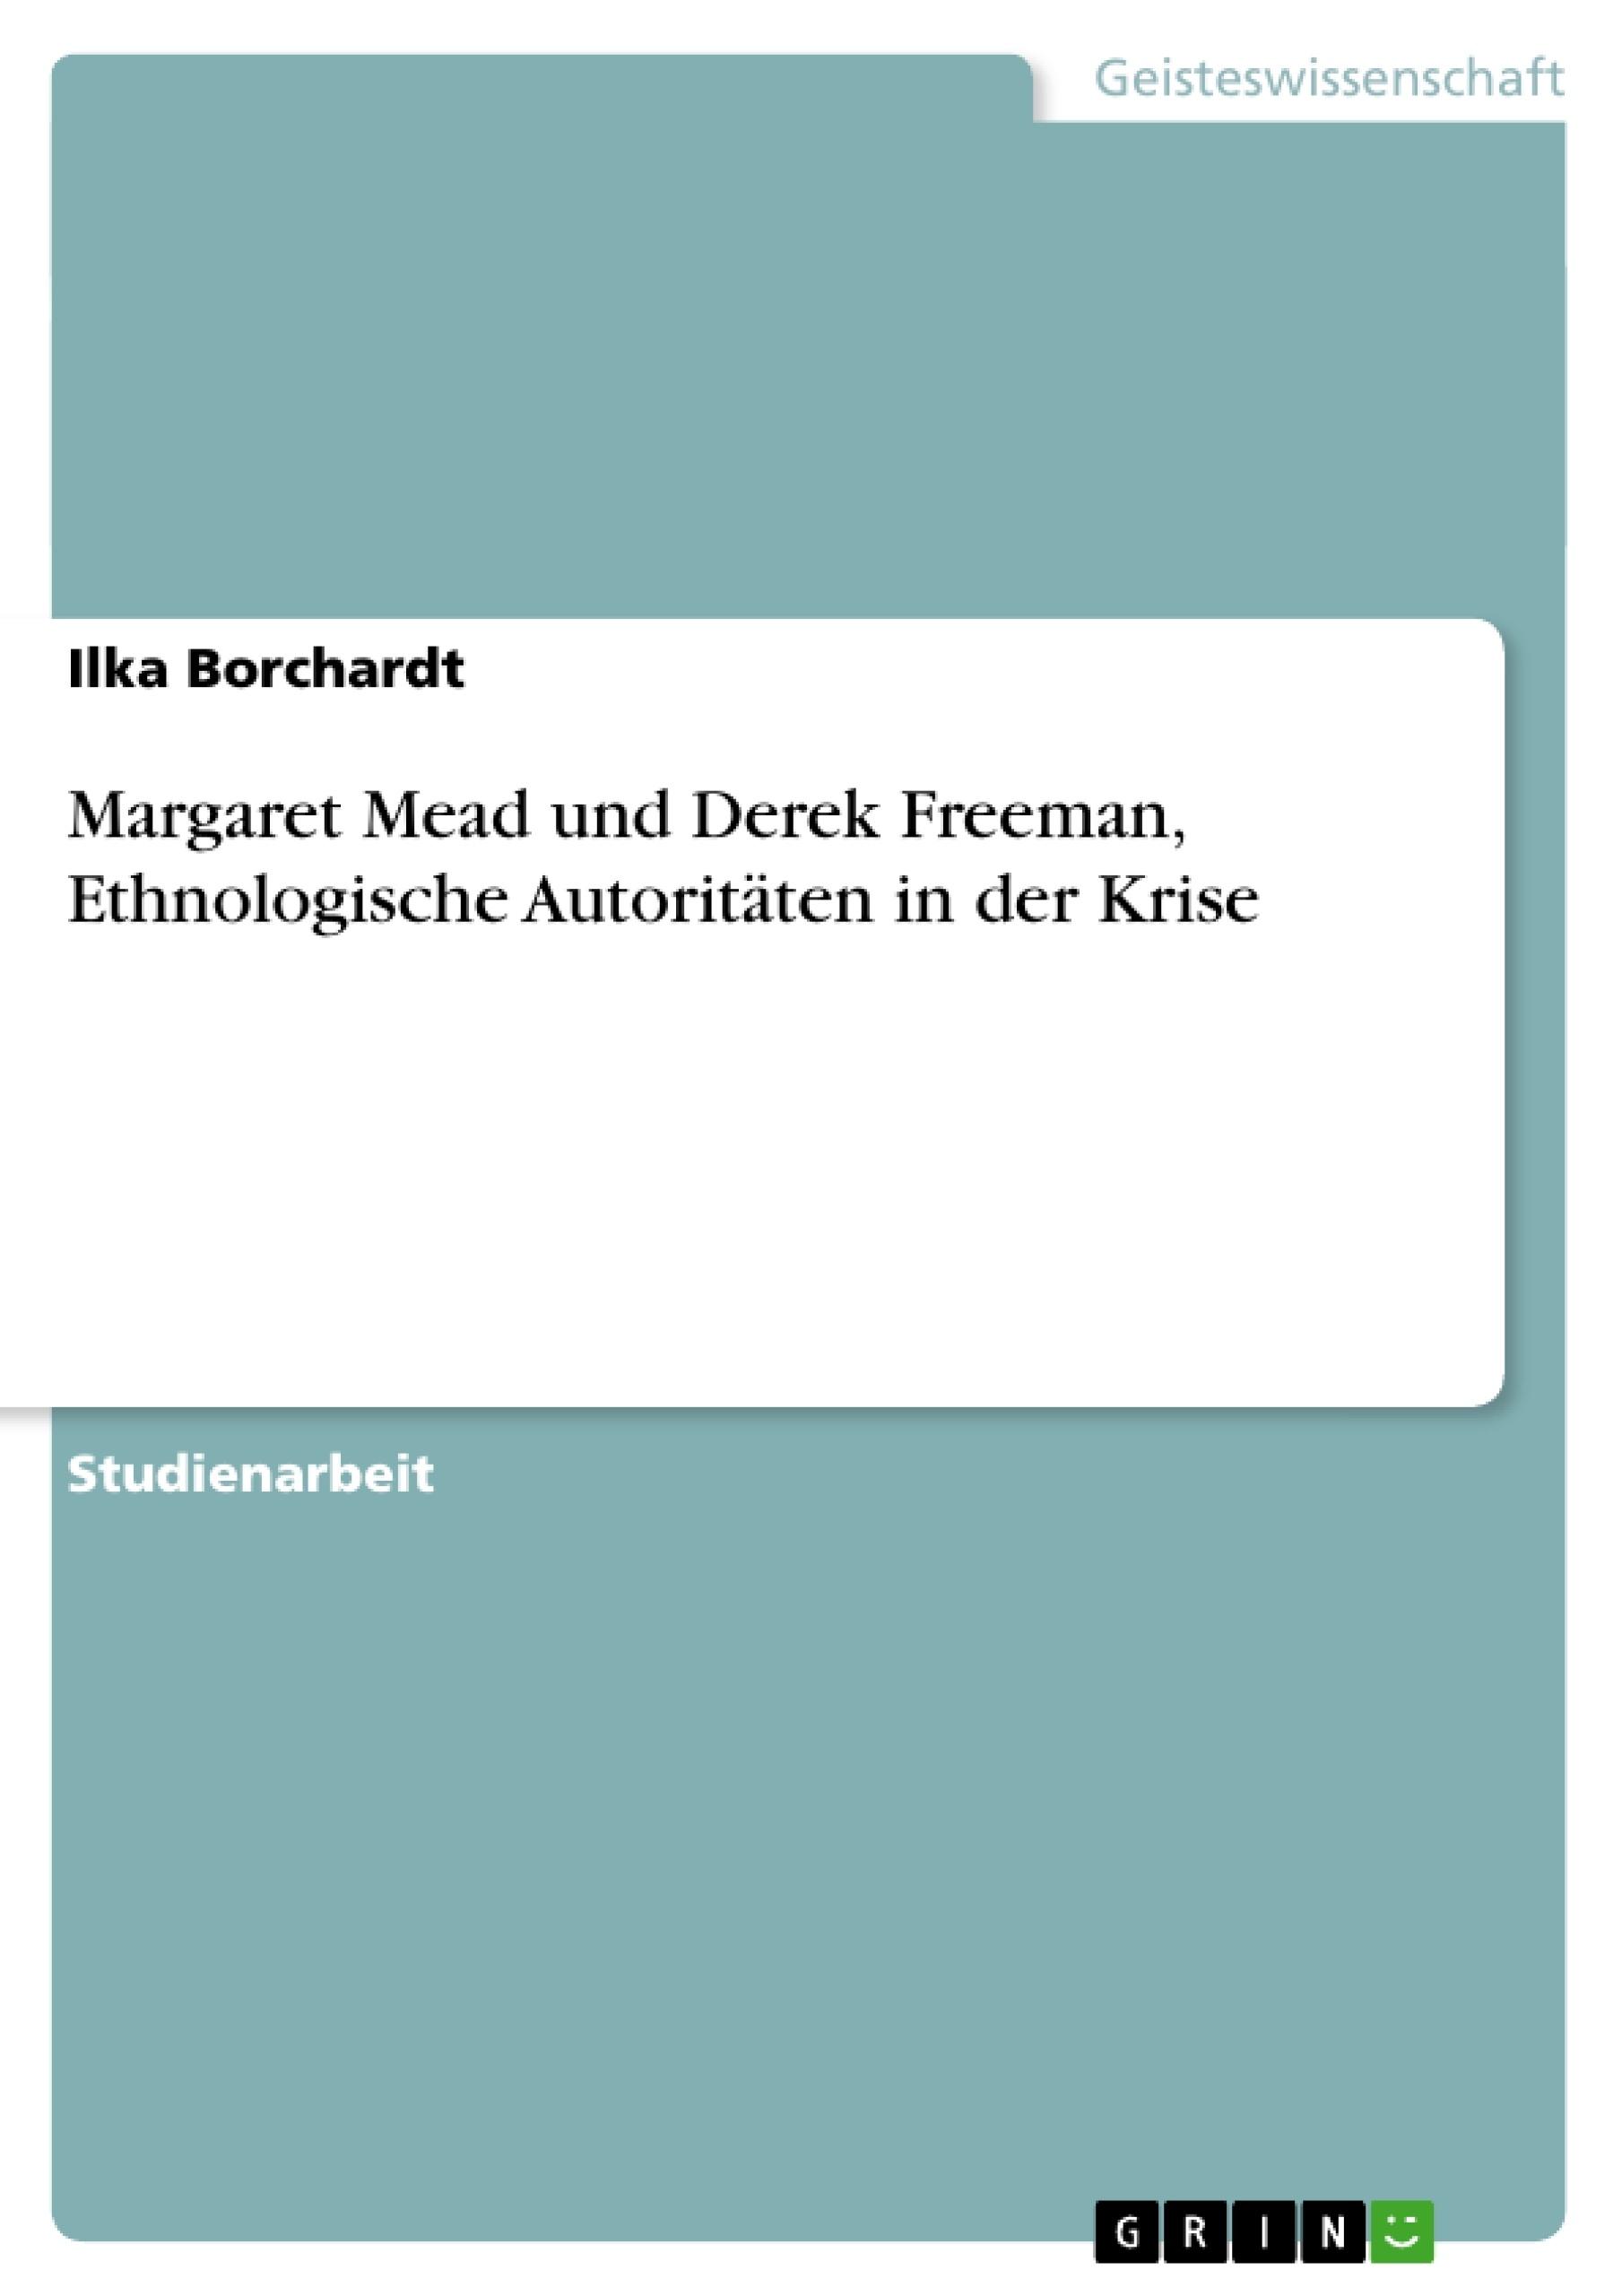 Titel: Margaret Mead und Derek Freeman, Ethnologische Autoritäten in der Krise